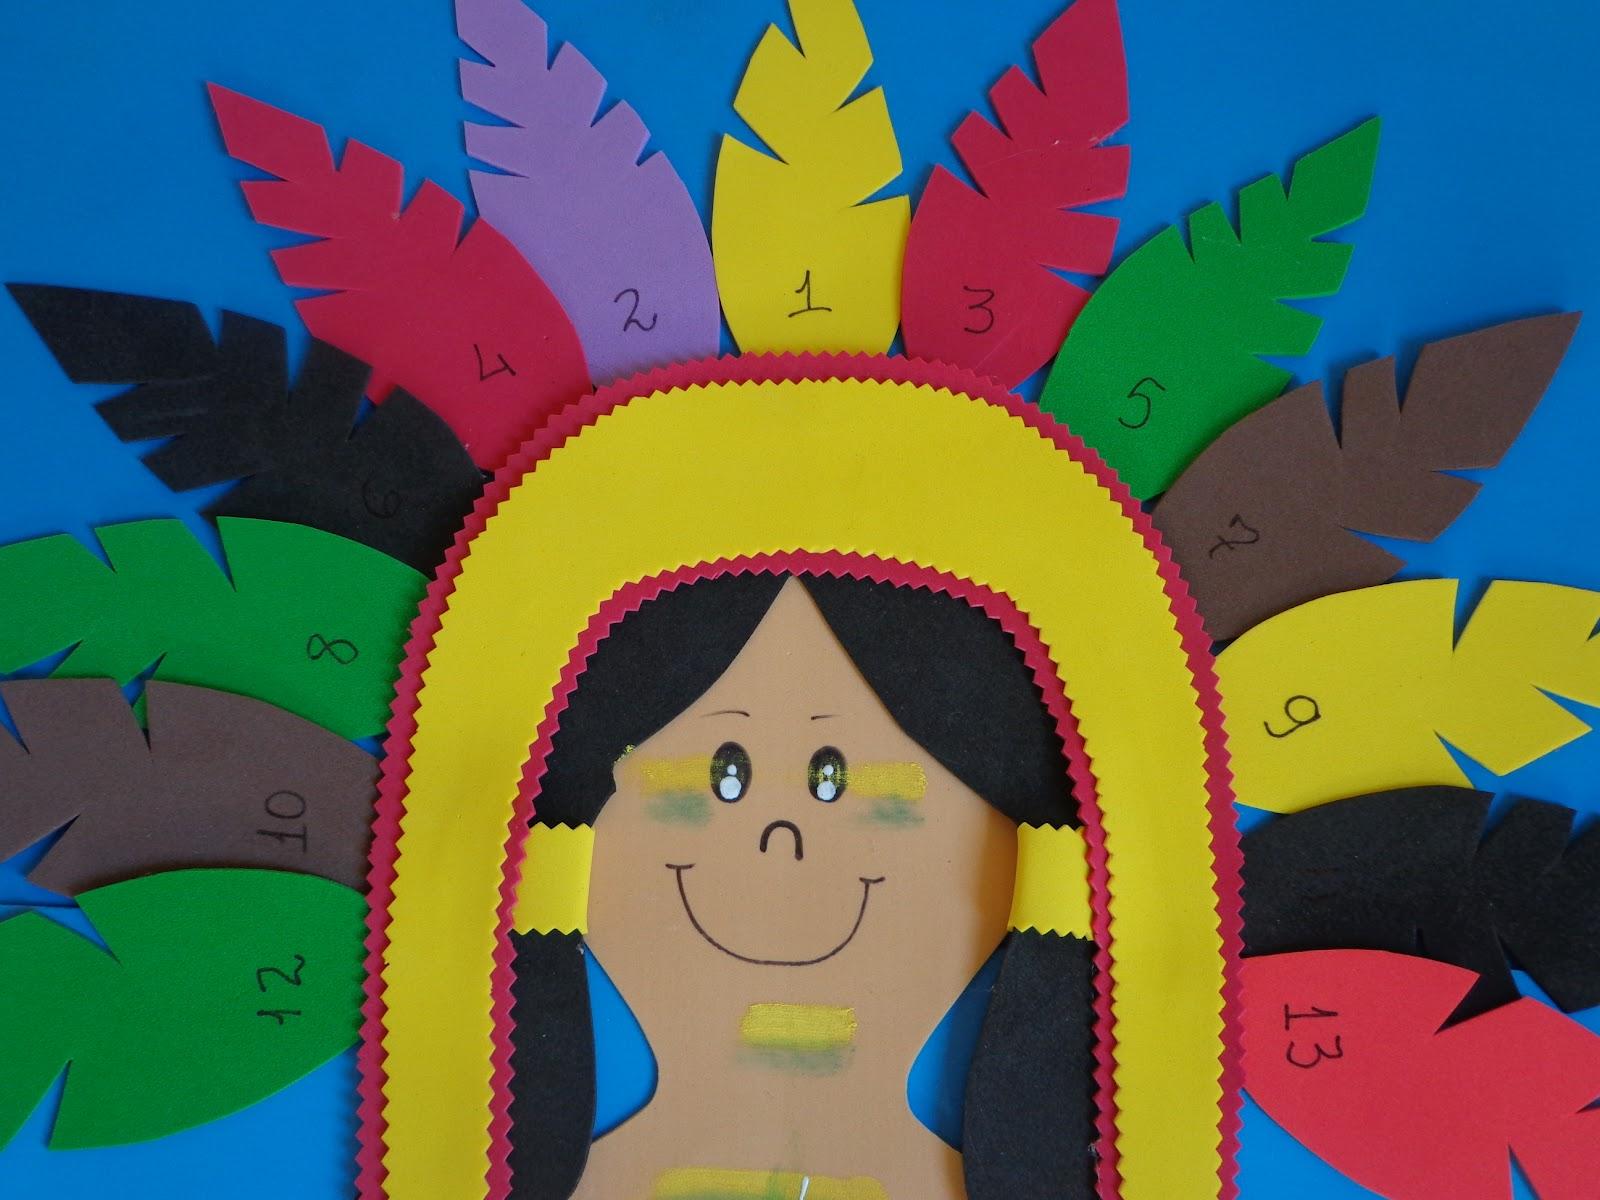 Modelos de Cocar de índio